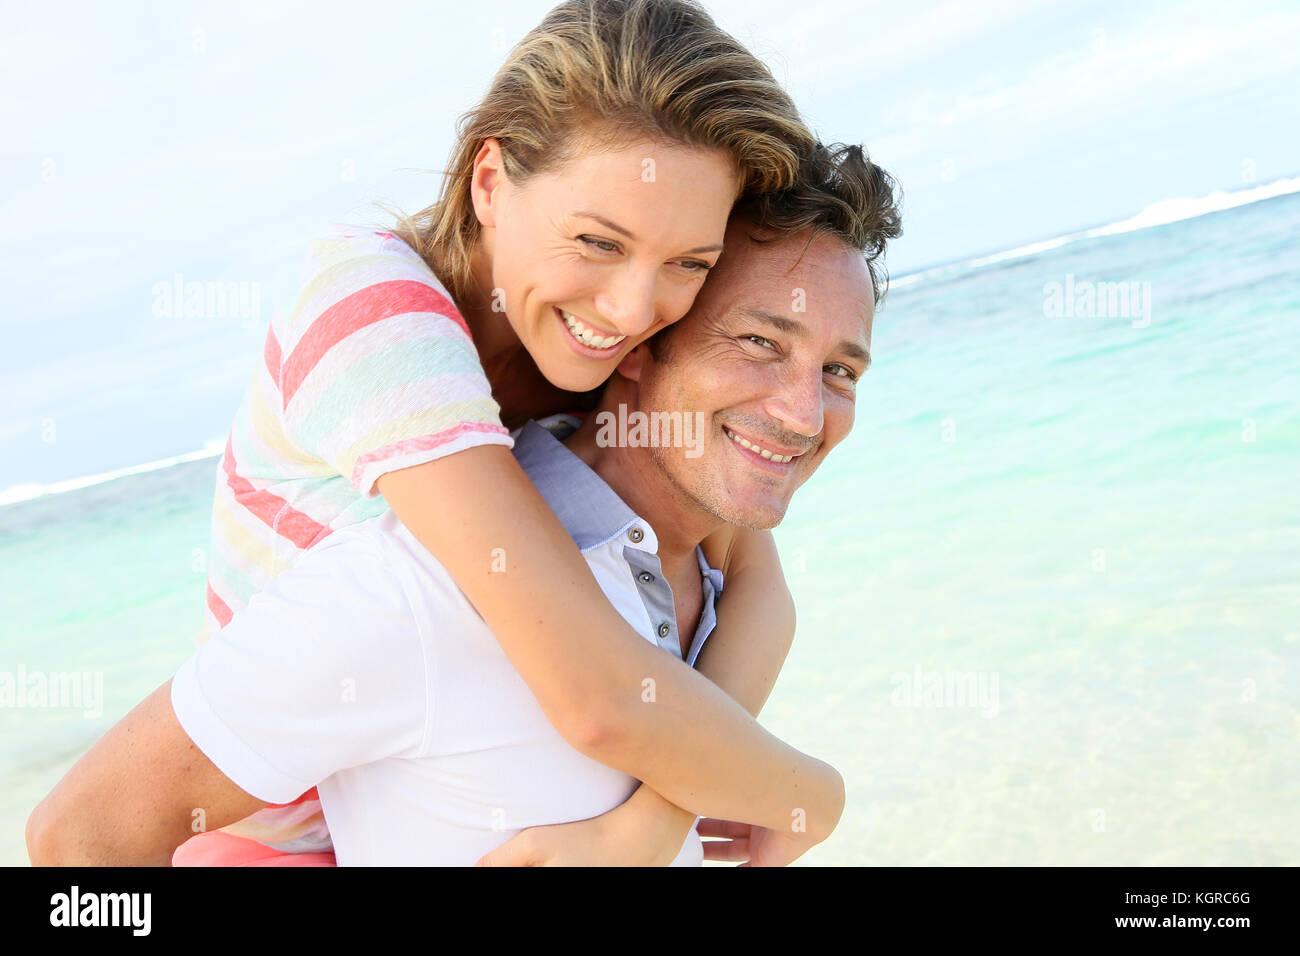 Hombre haciendo piggyback ride a la novia en la playa. Imagen De Stock